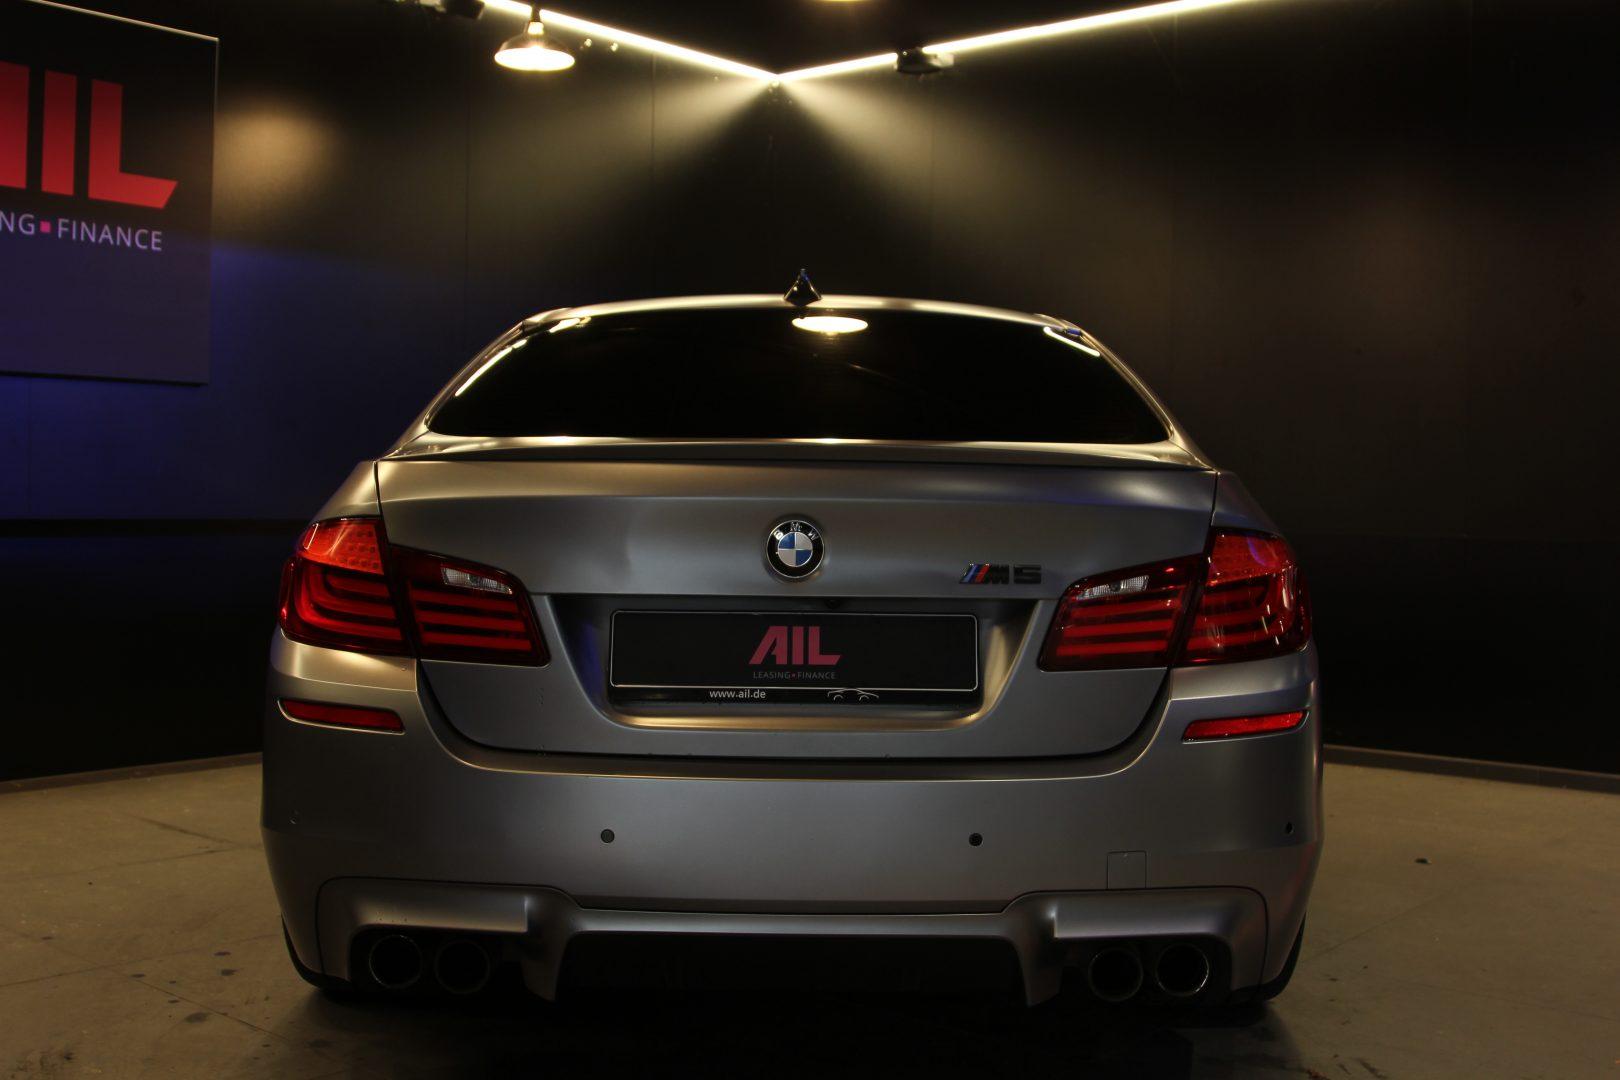 AIL BMW M5 3